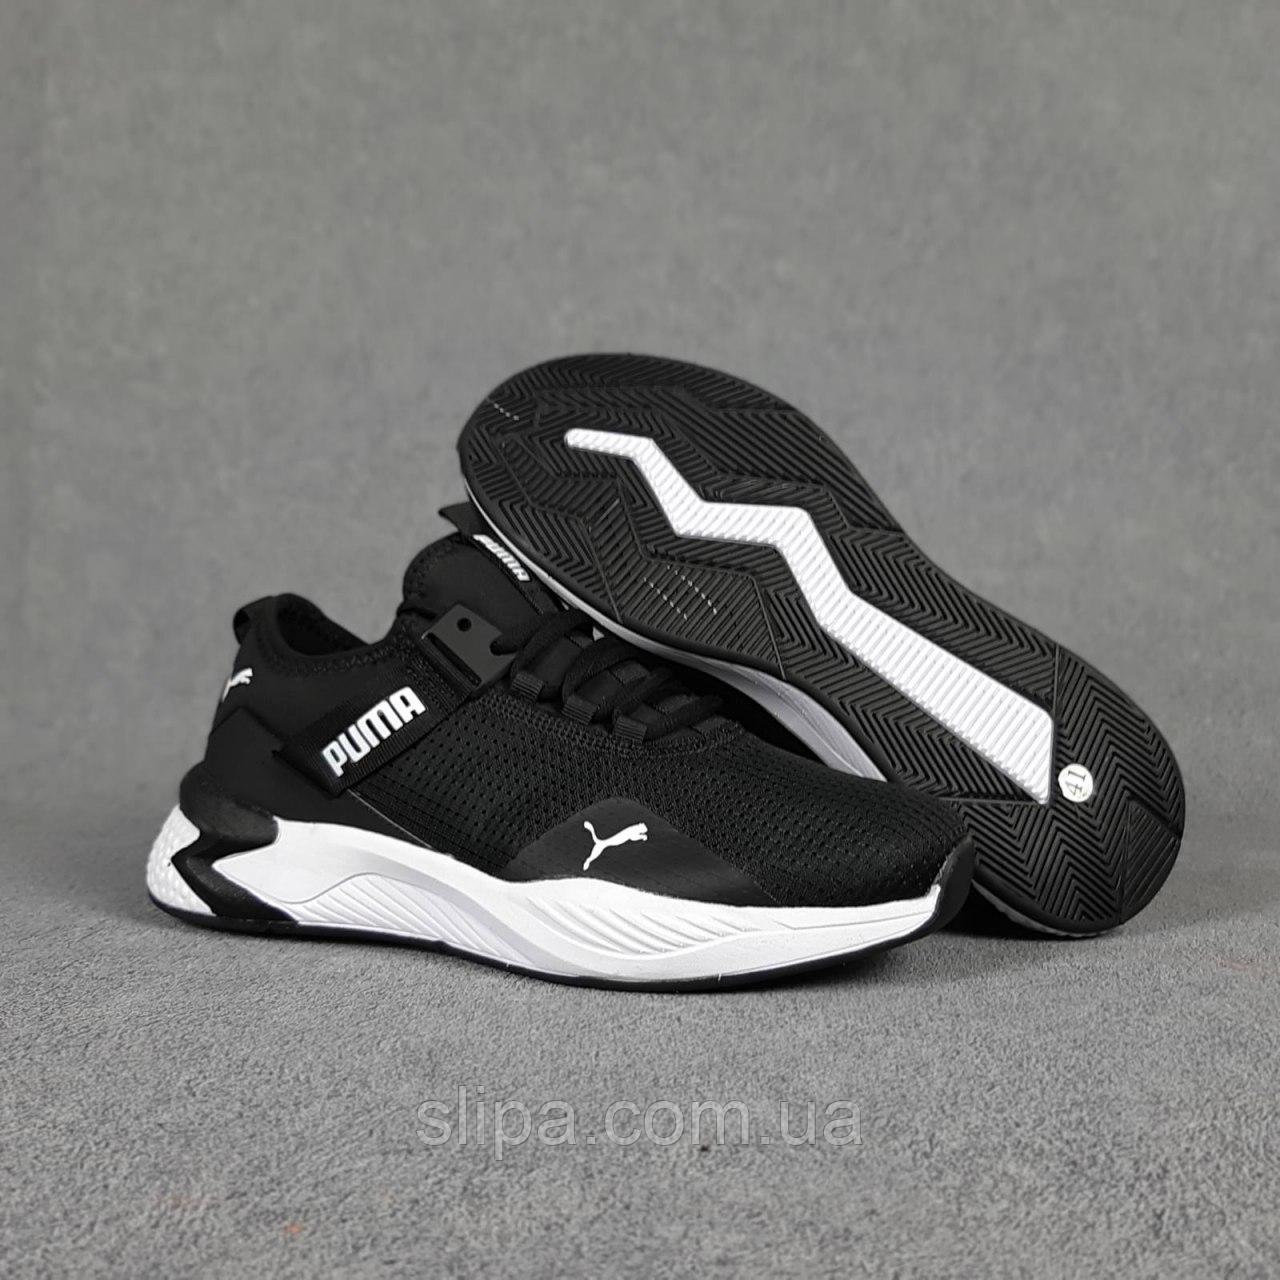 Чёрные кроссовки Puma в сетку на белой подошве | Вьетнам | сетка + пена